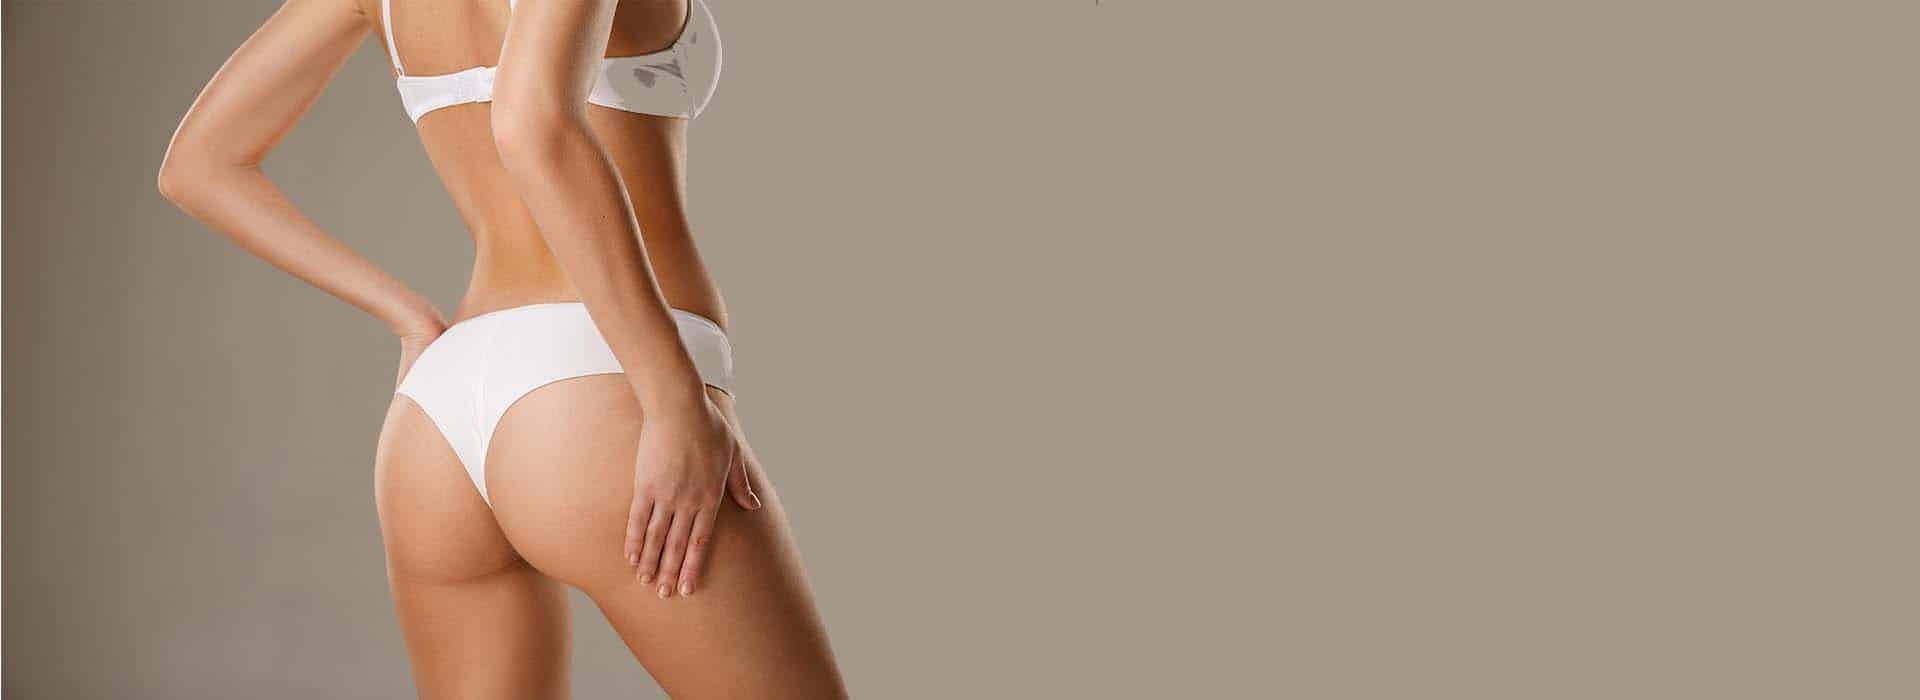 Función del tejido adiposo